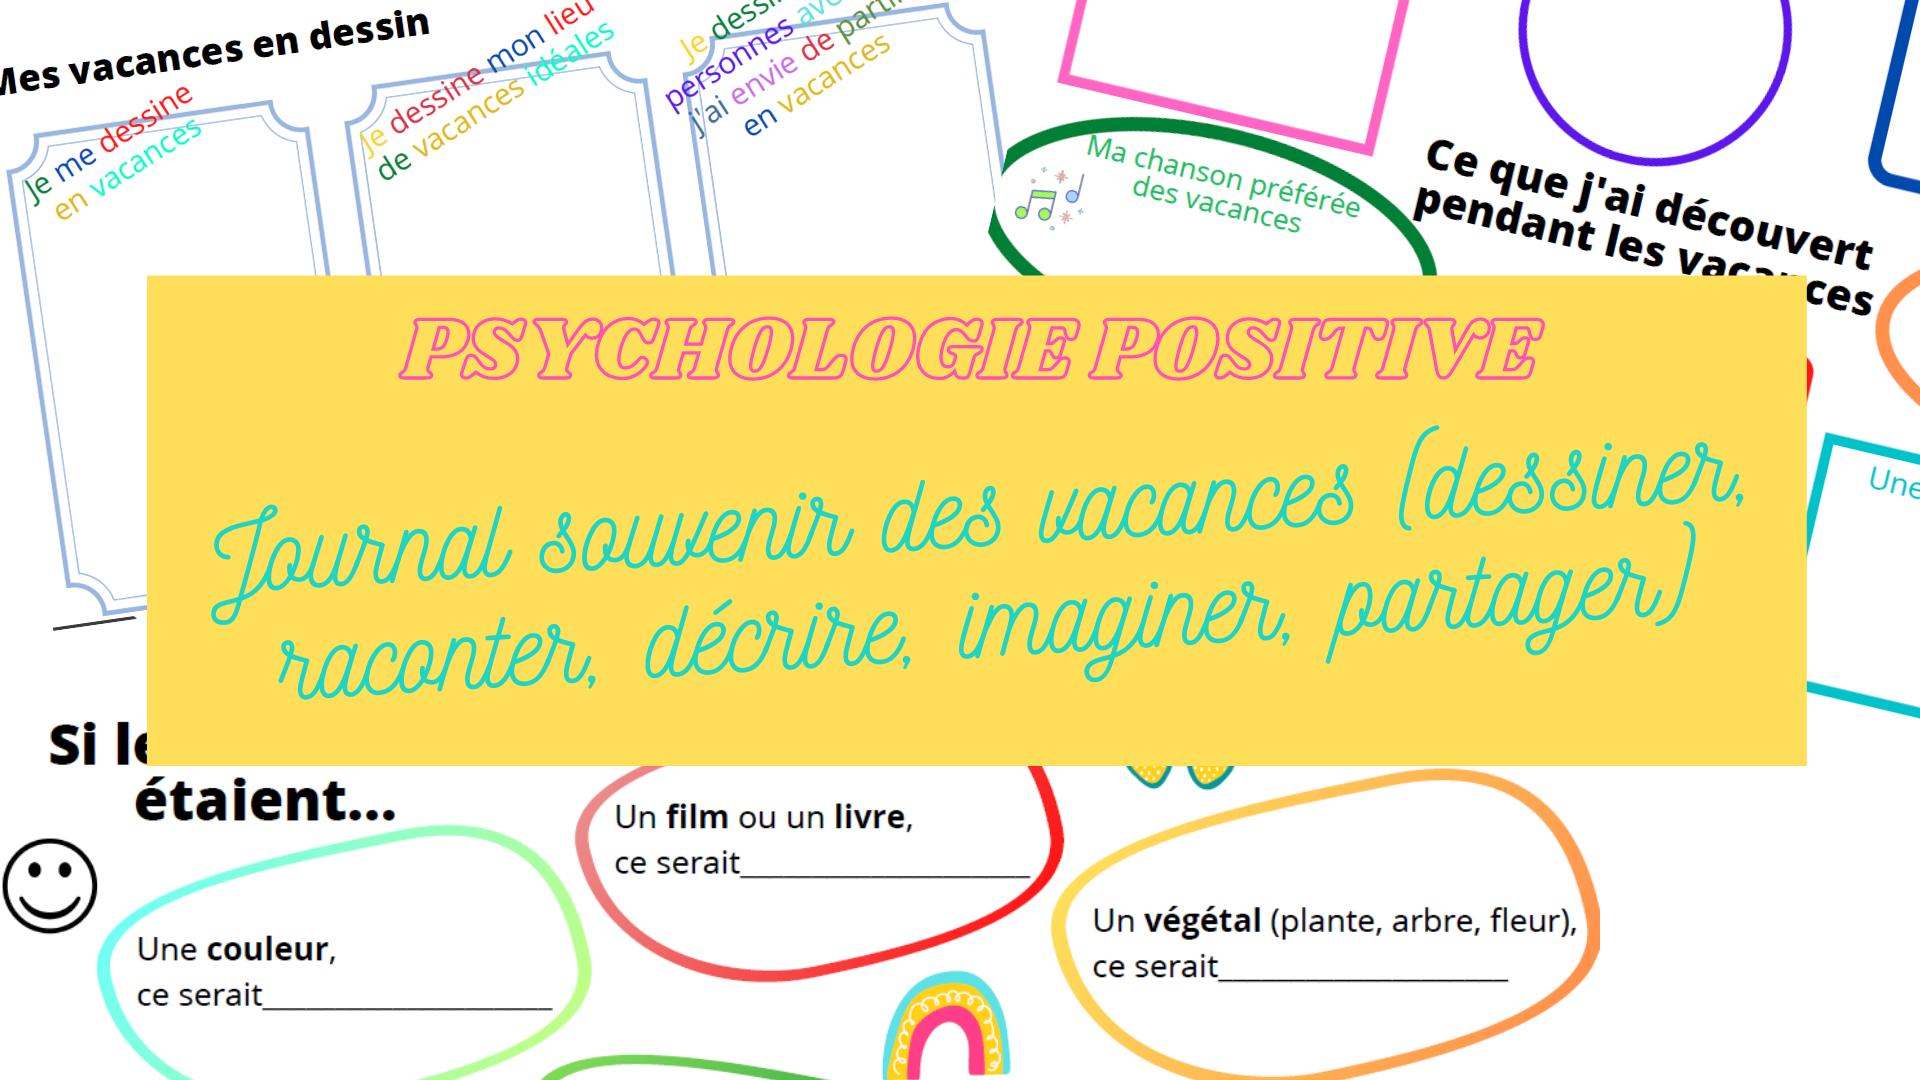 journal souvenir vacances psychologie positive